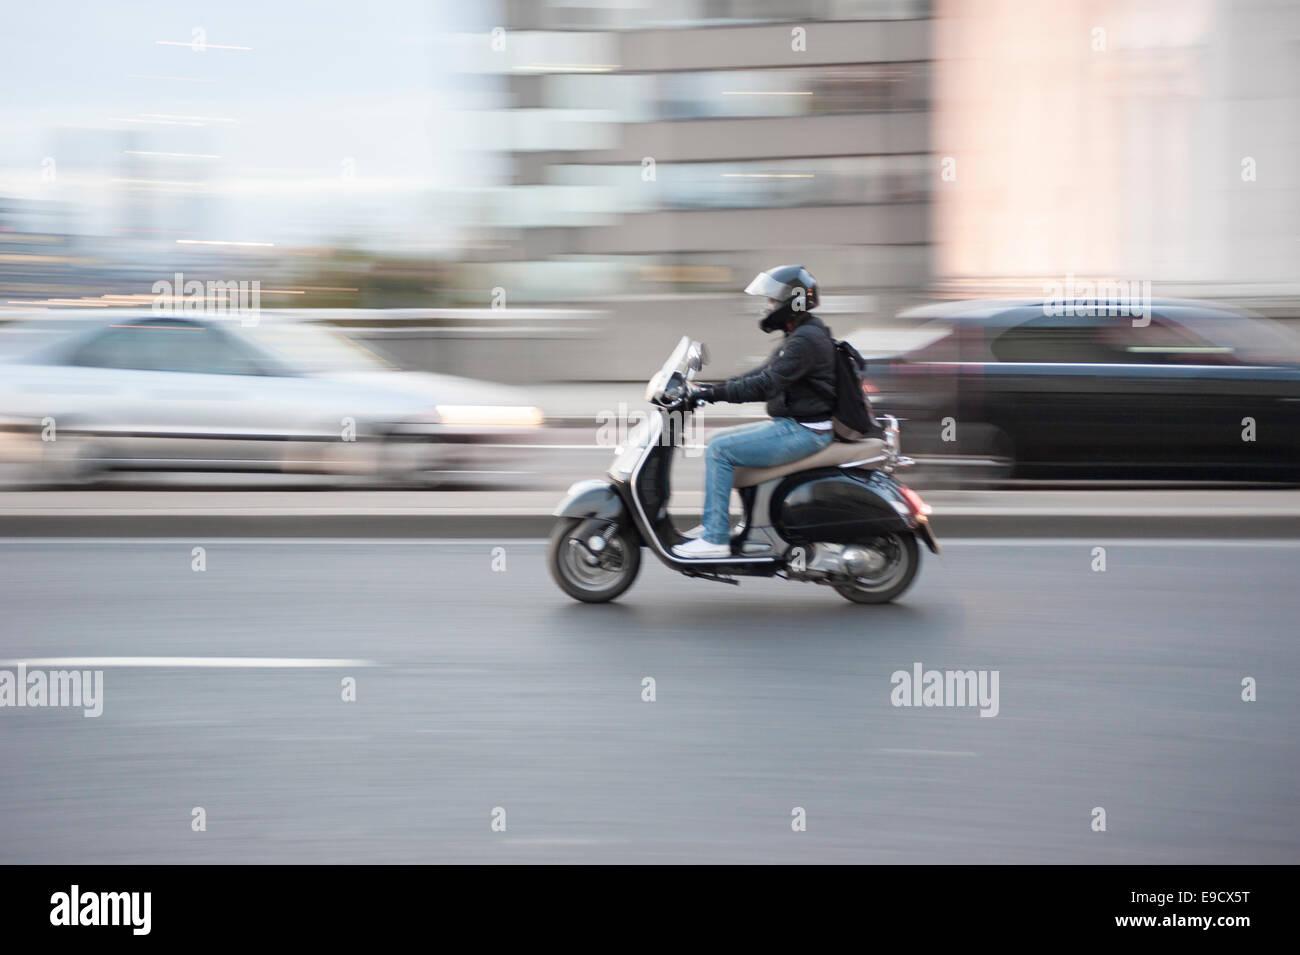 Hombre en un scooter con el desenfoque de movimiento, Londres, Reino Unido. Imagen De Stock